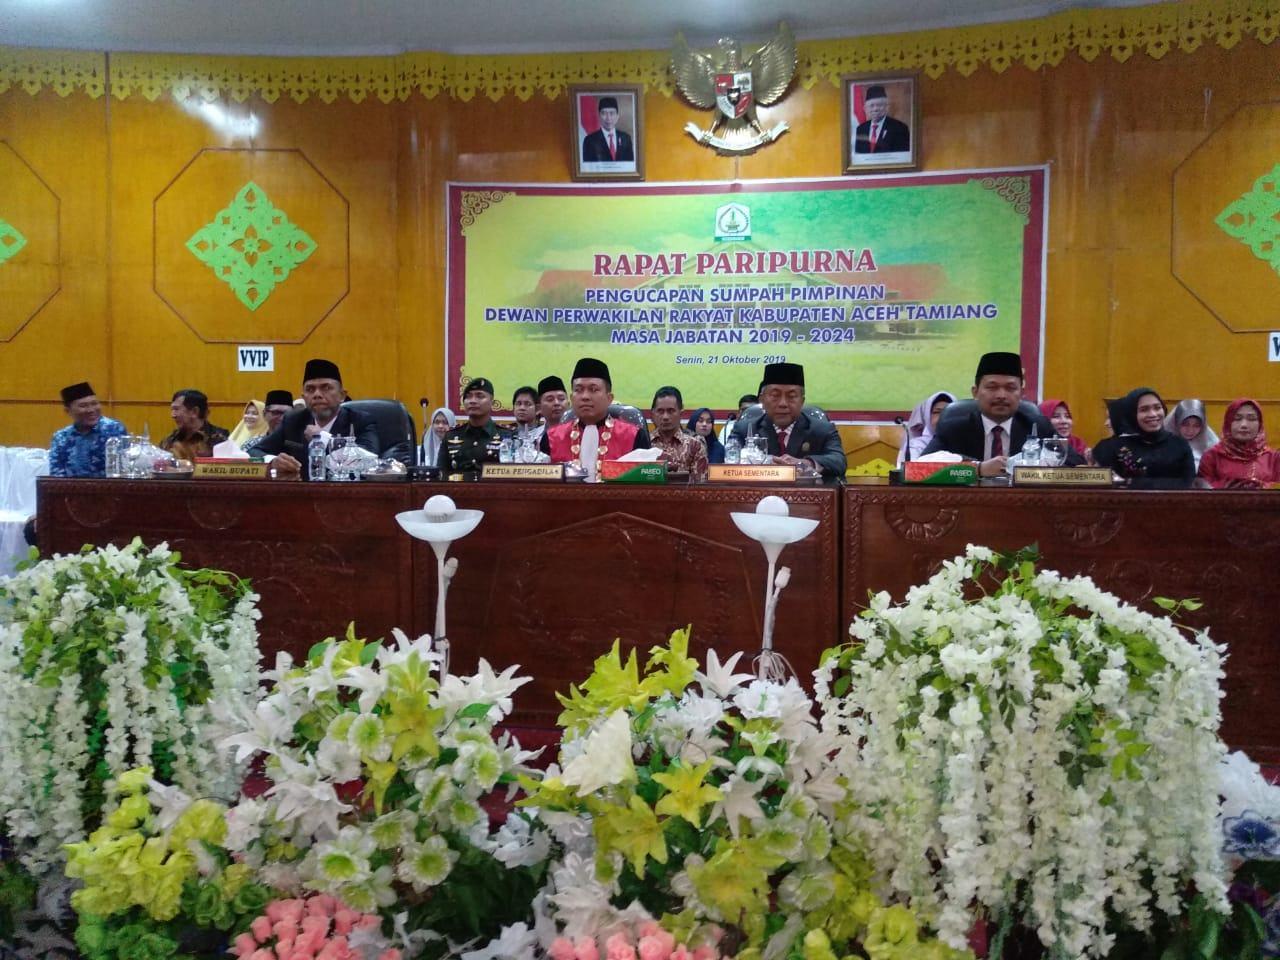 DPRK Aceh Tamiang, Pengangkatan Sumpah Ketua dan Wakil